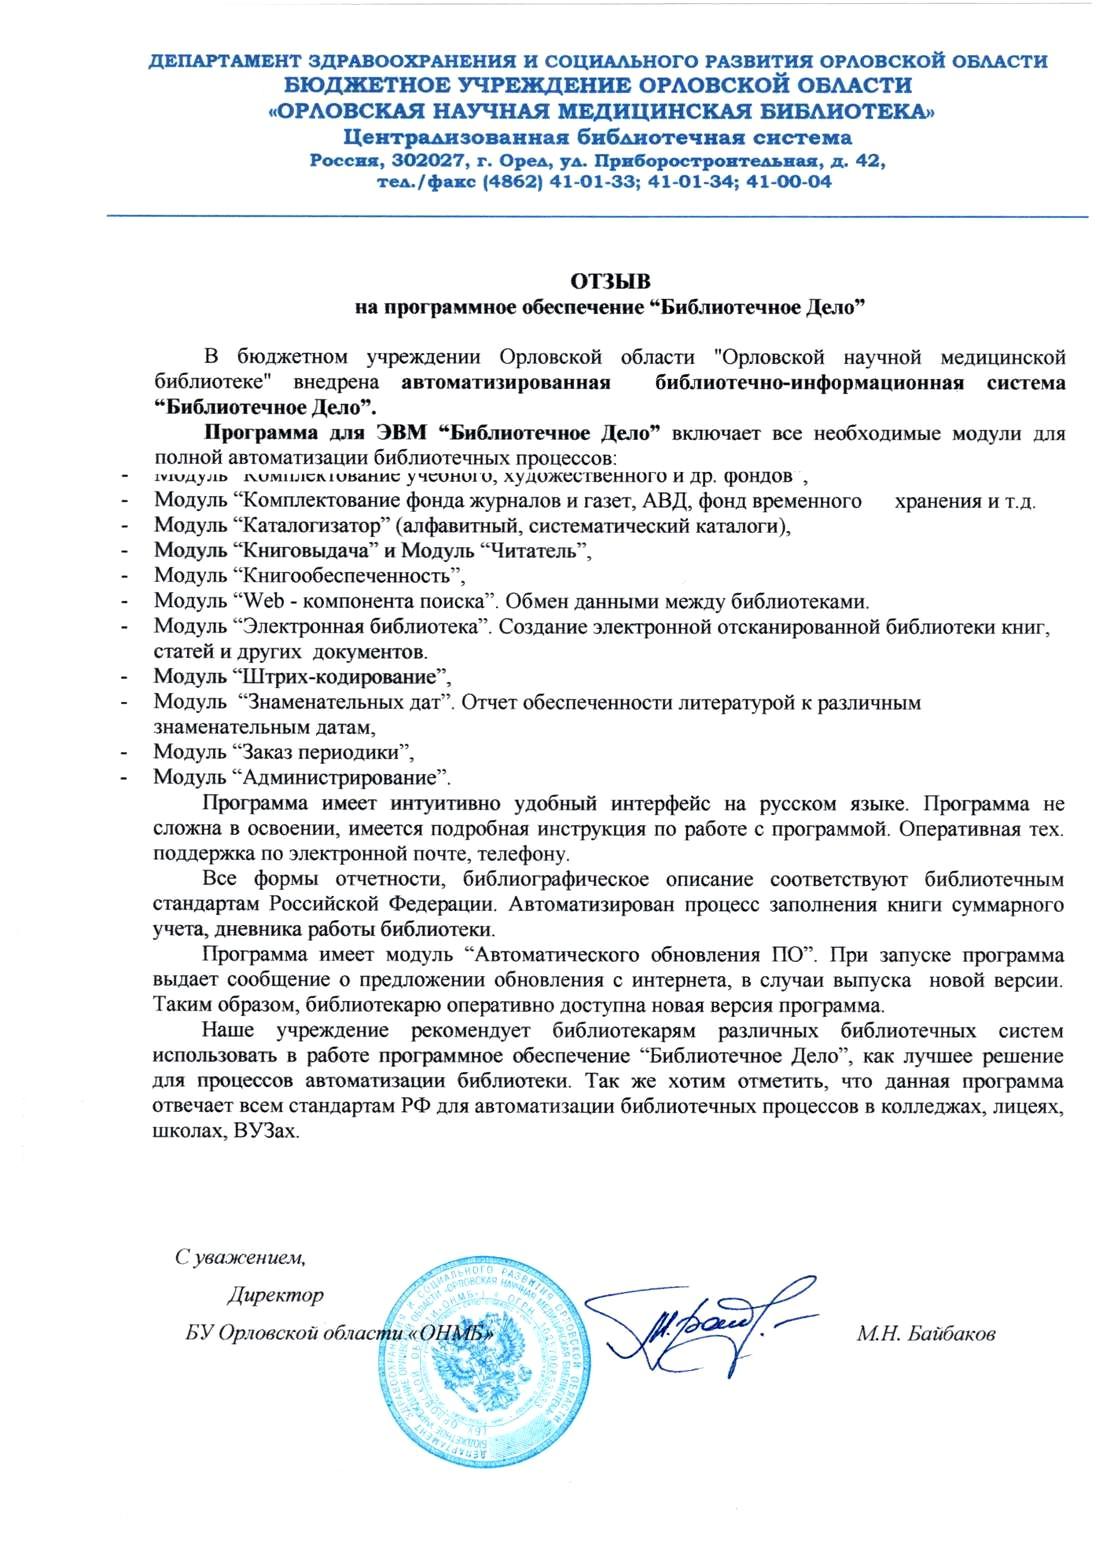 Отзыв АБИС Орловской научно медицинской библиотеки